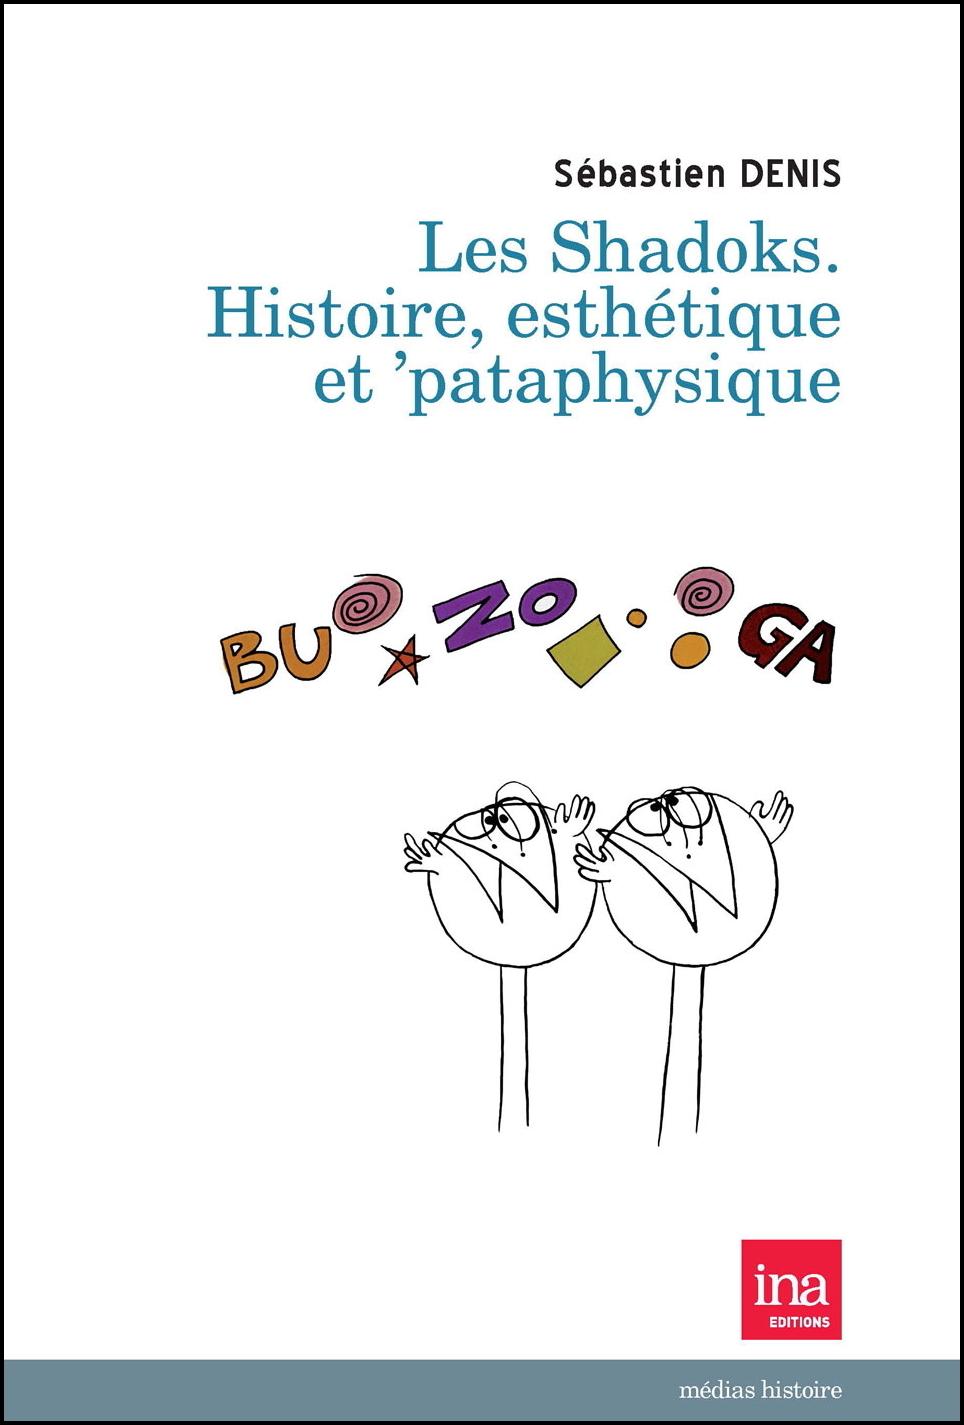 Les Shadoks. Histoire, esthétique et 'pataphysique